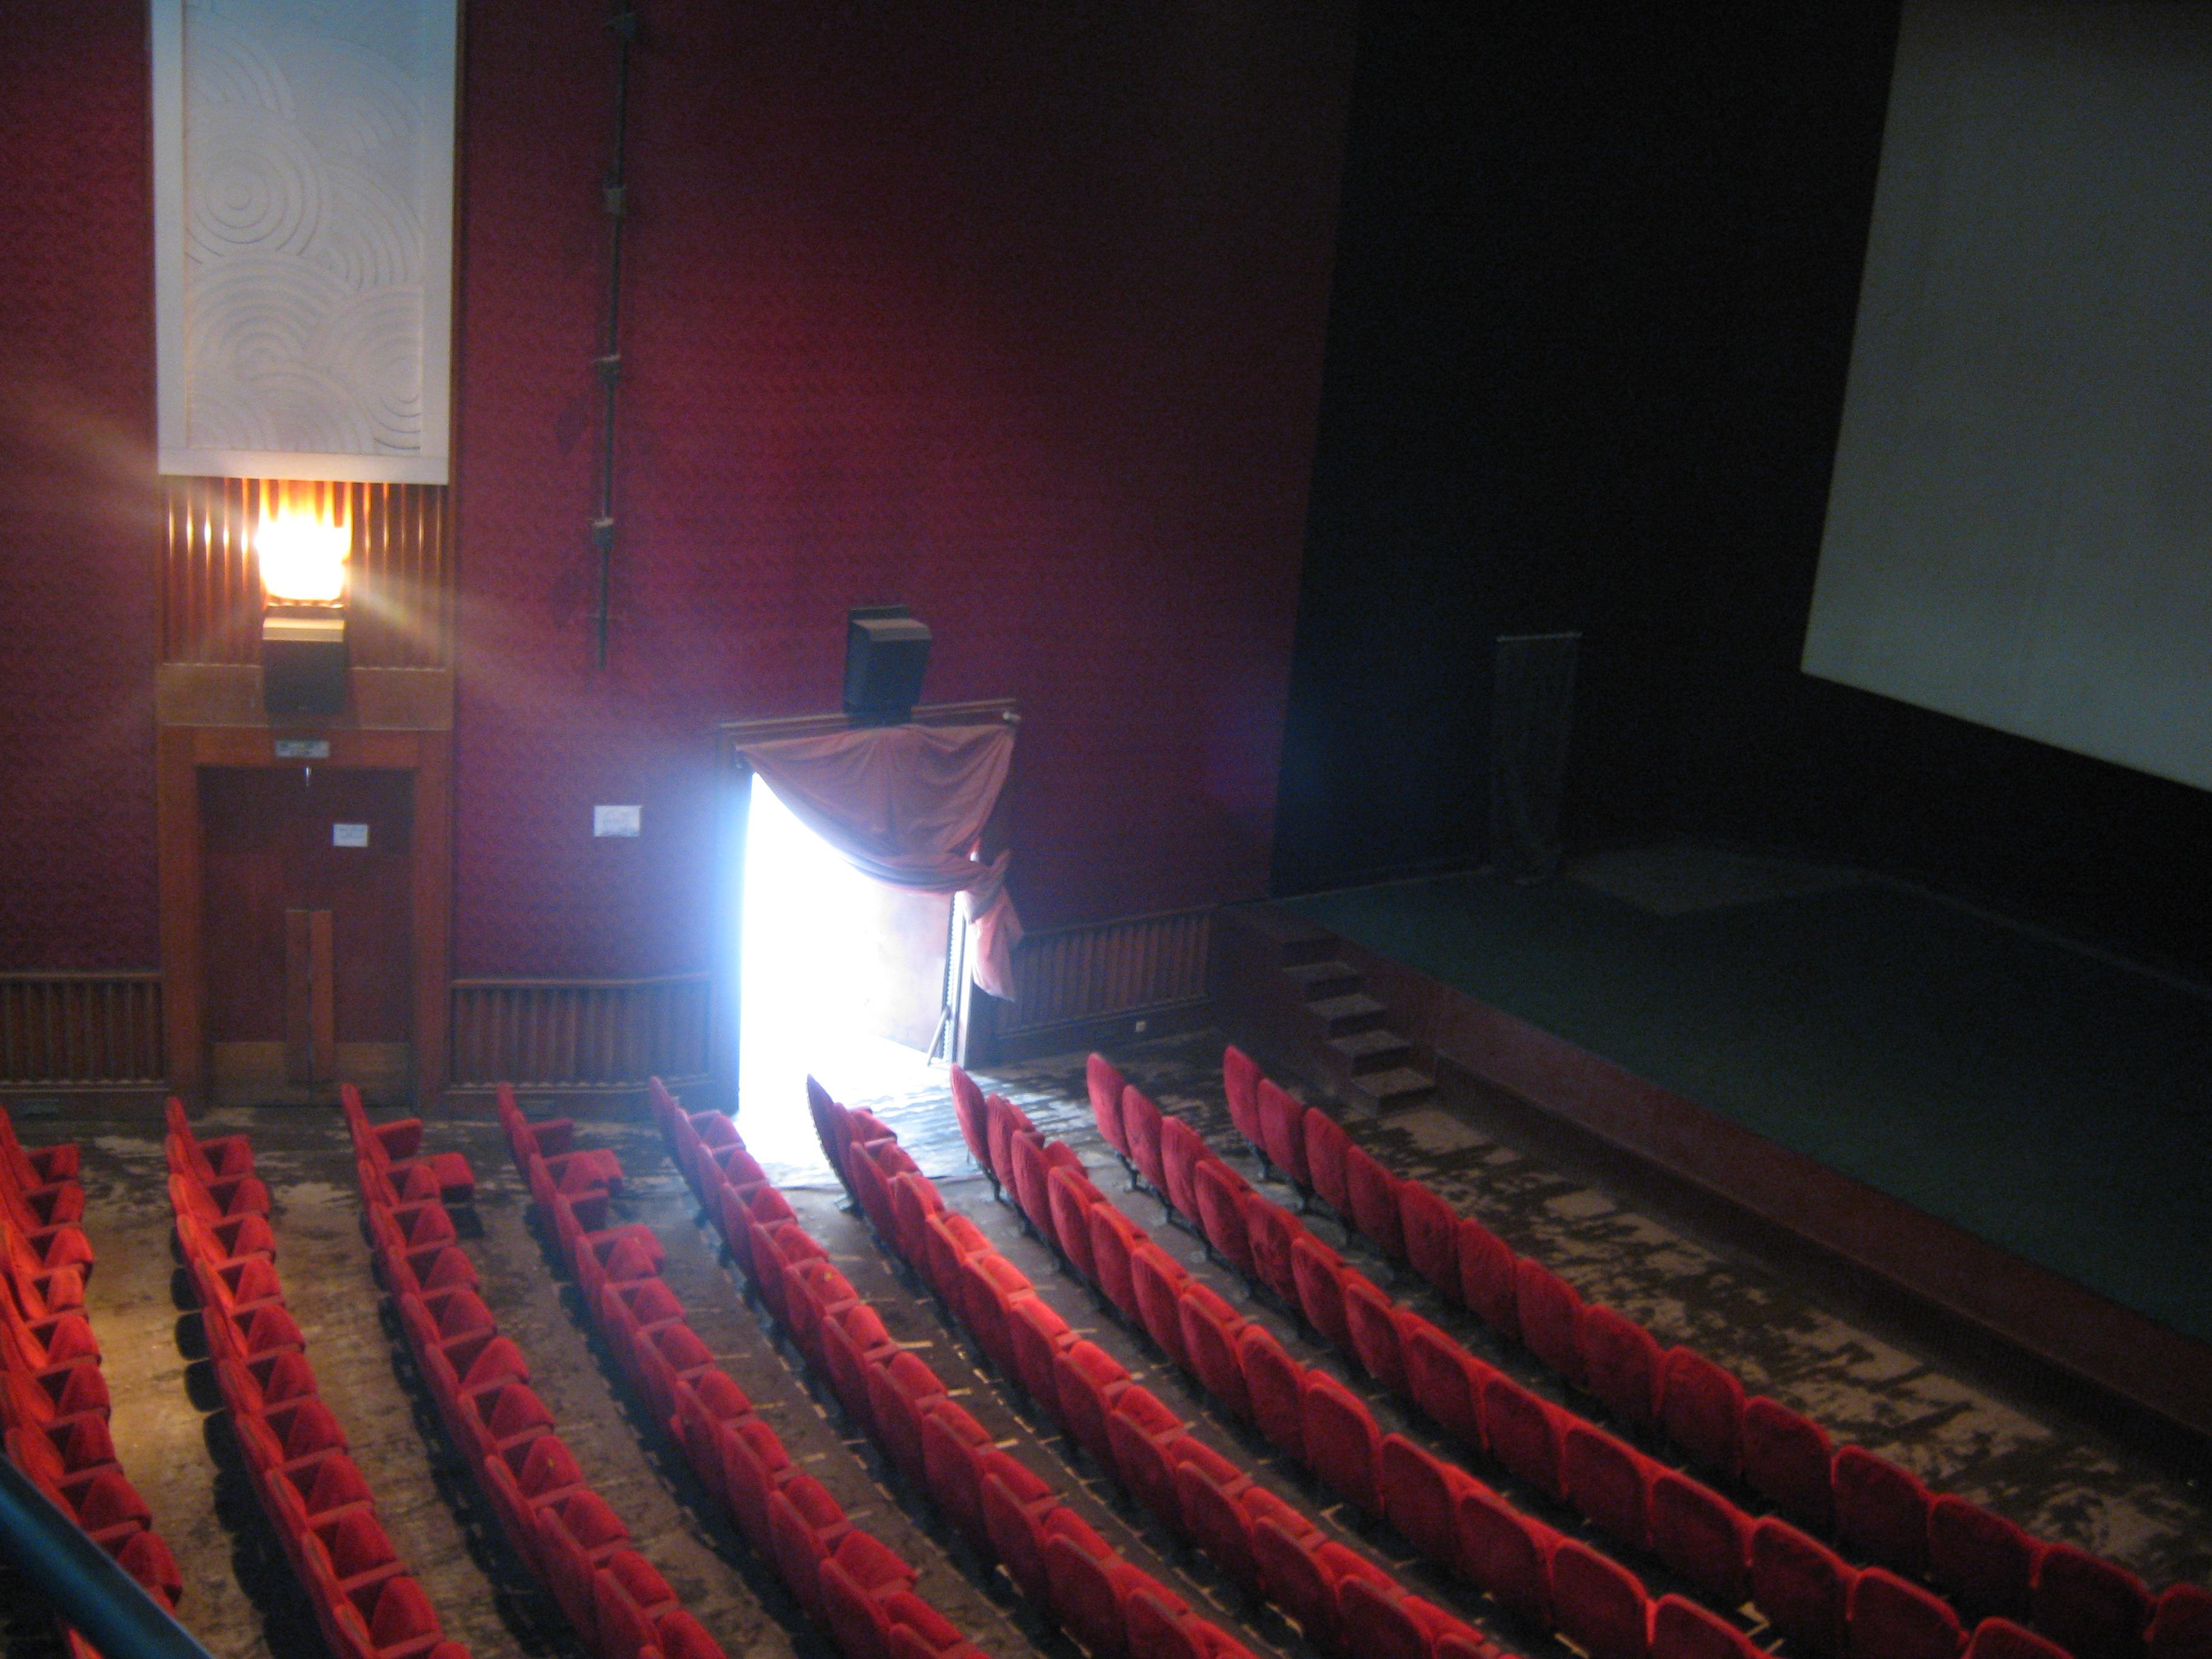 Apsa Theatre